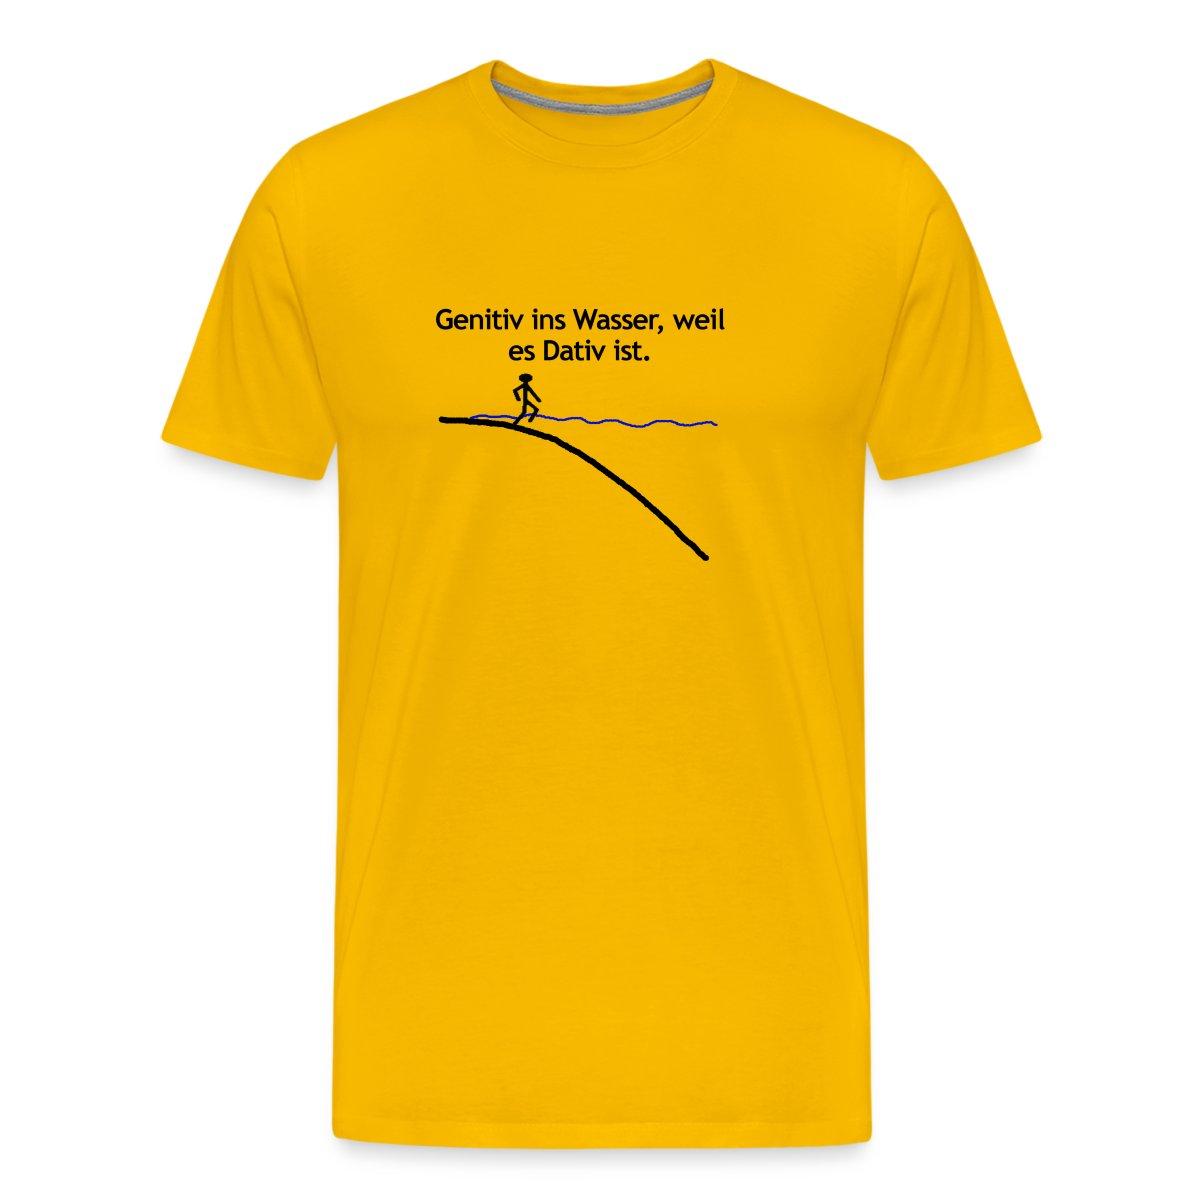 sprüche für t-shirts   bnbnews.co